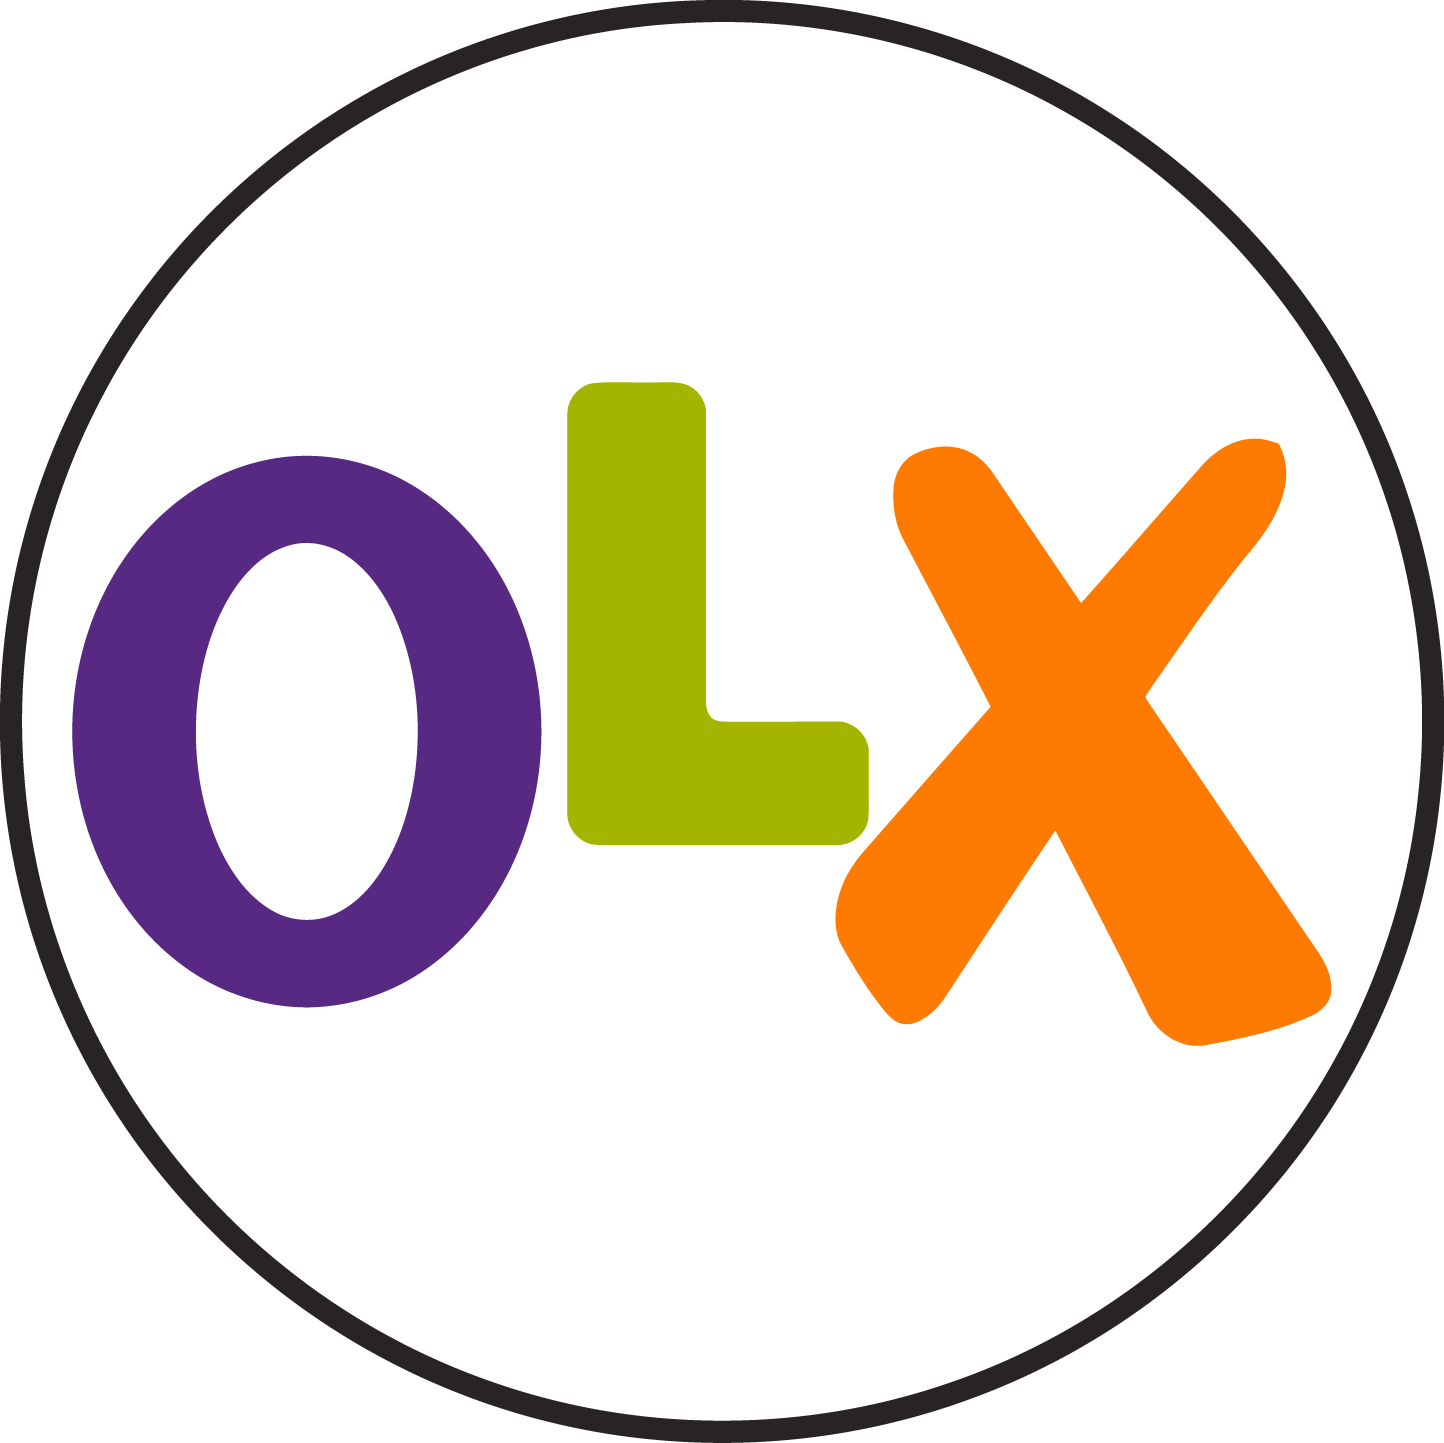 OLX Logo [olx.com.co] png